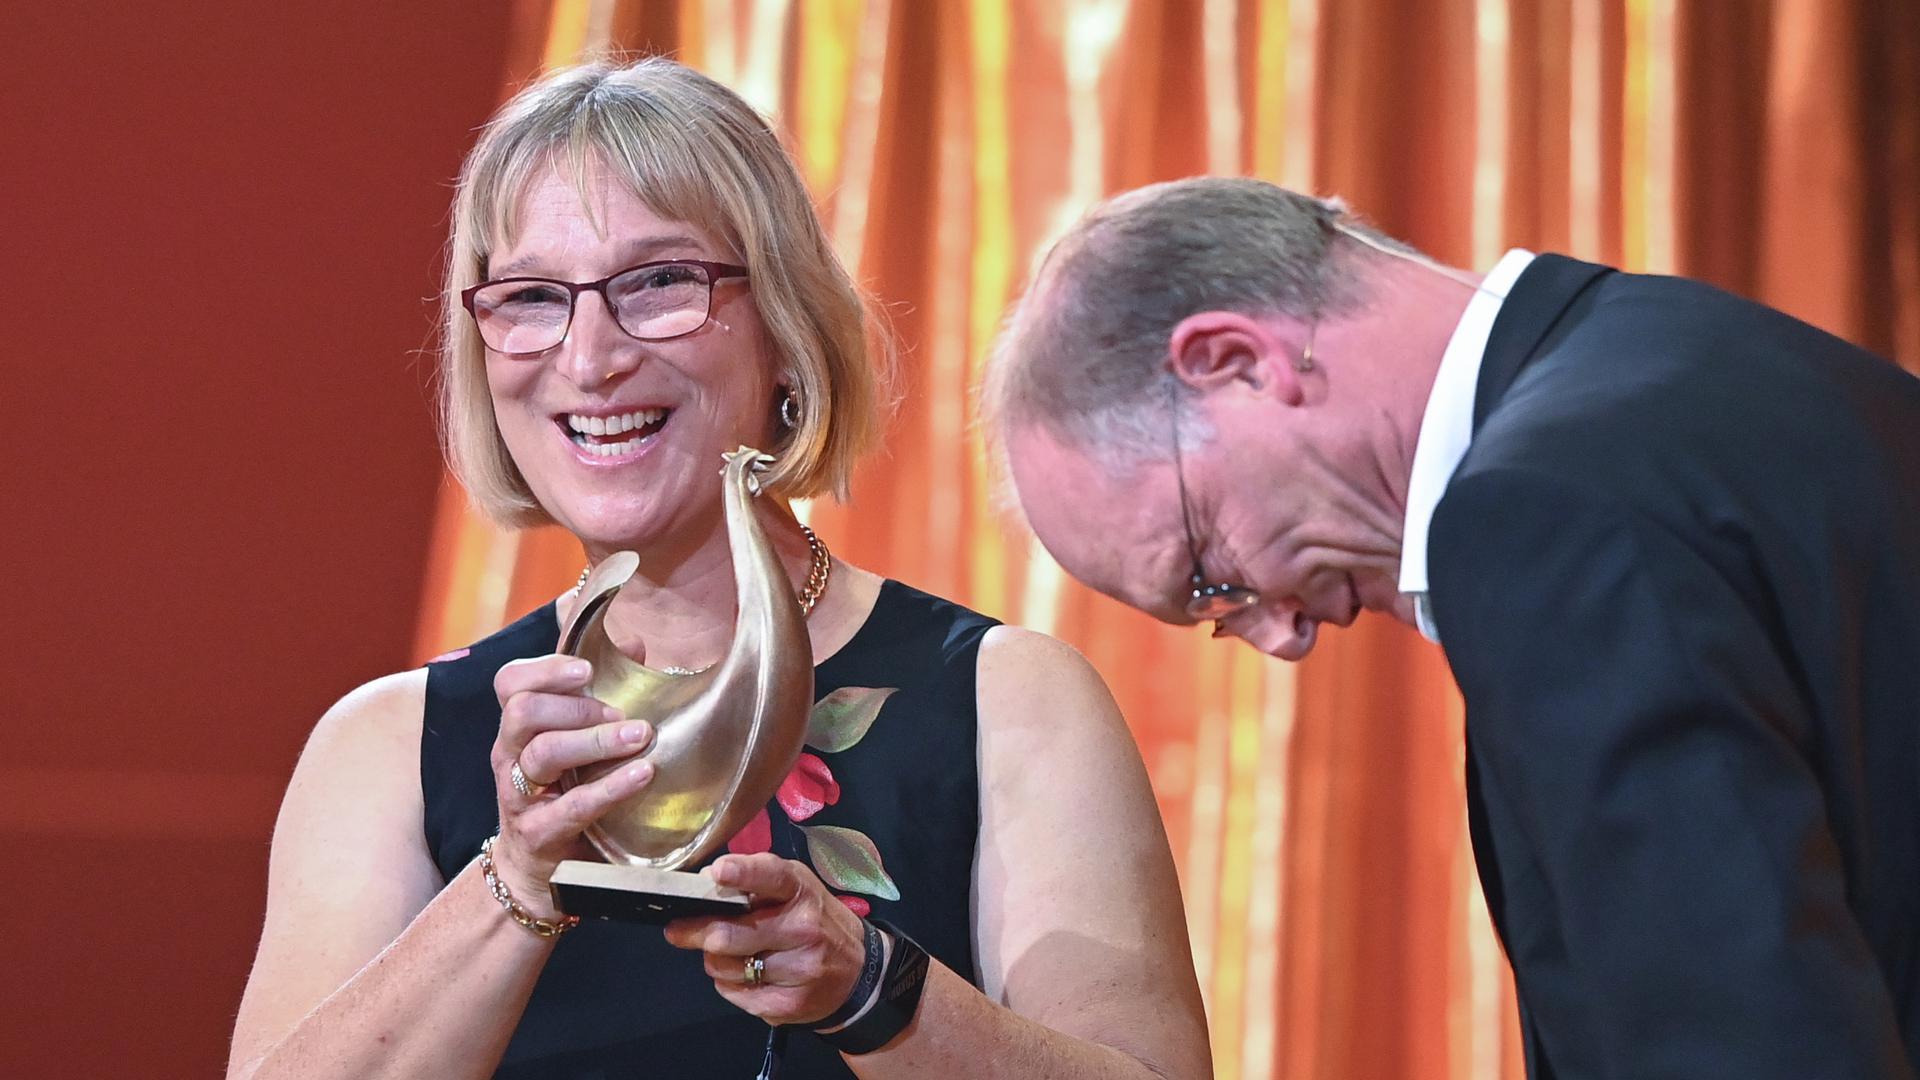 """Sybille Klenzendorf, Artzenschutzexpertin, wird während der Vrleihung des Medienpreises """"Goldene Henne"""" in der Kongresshalle Leipzig in der Kategorie """"Unsere Zukunft"""" ausgezeichnet."""